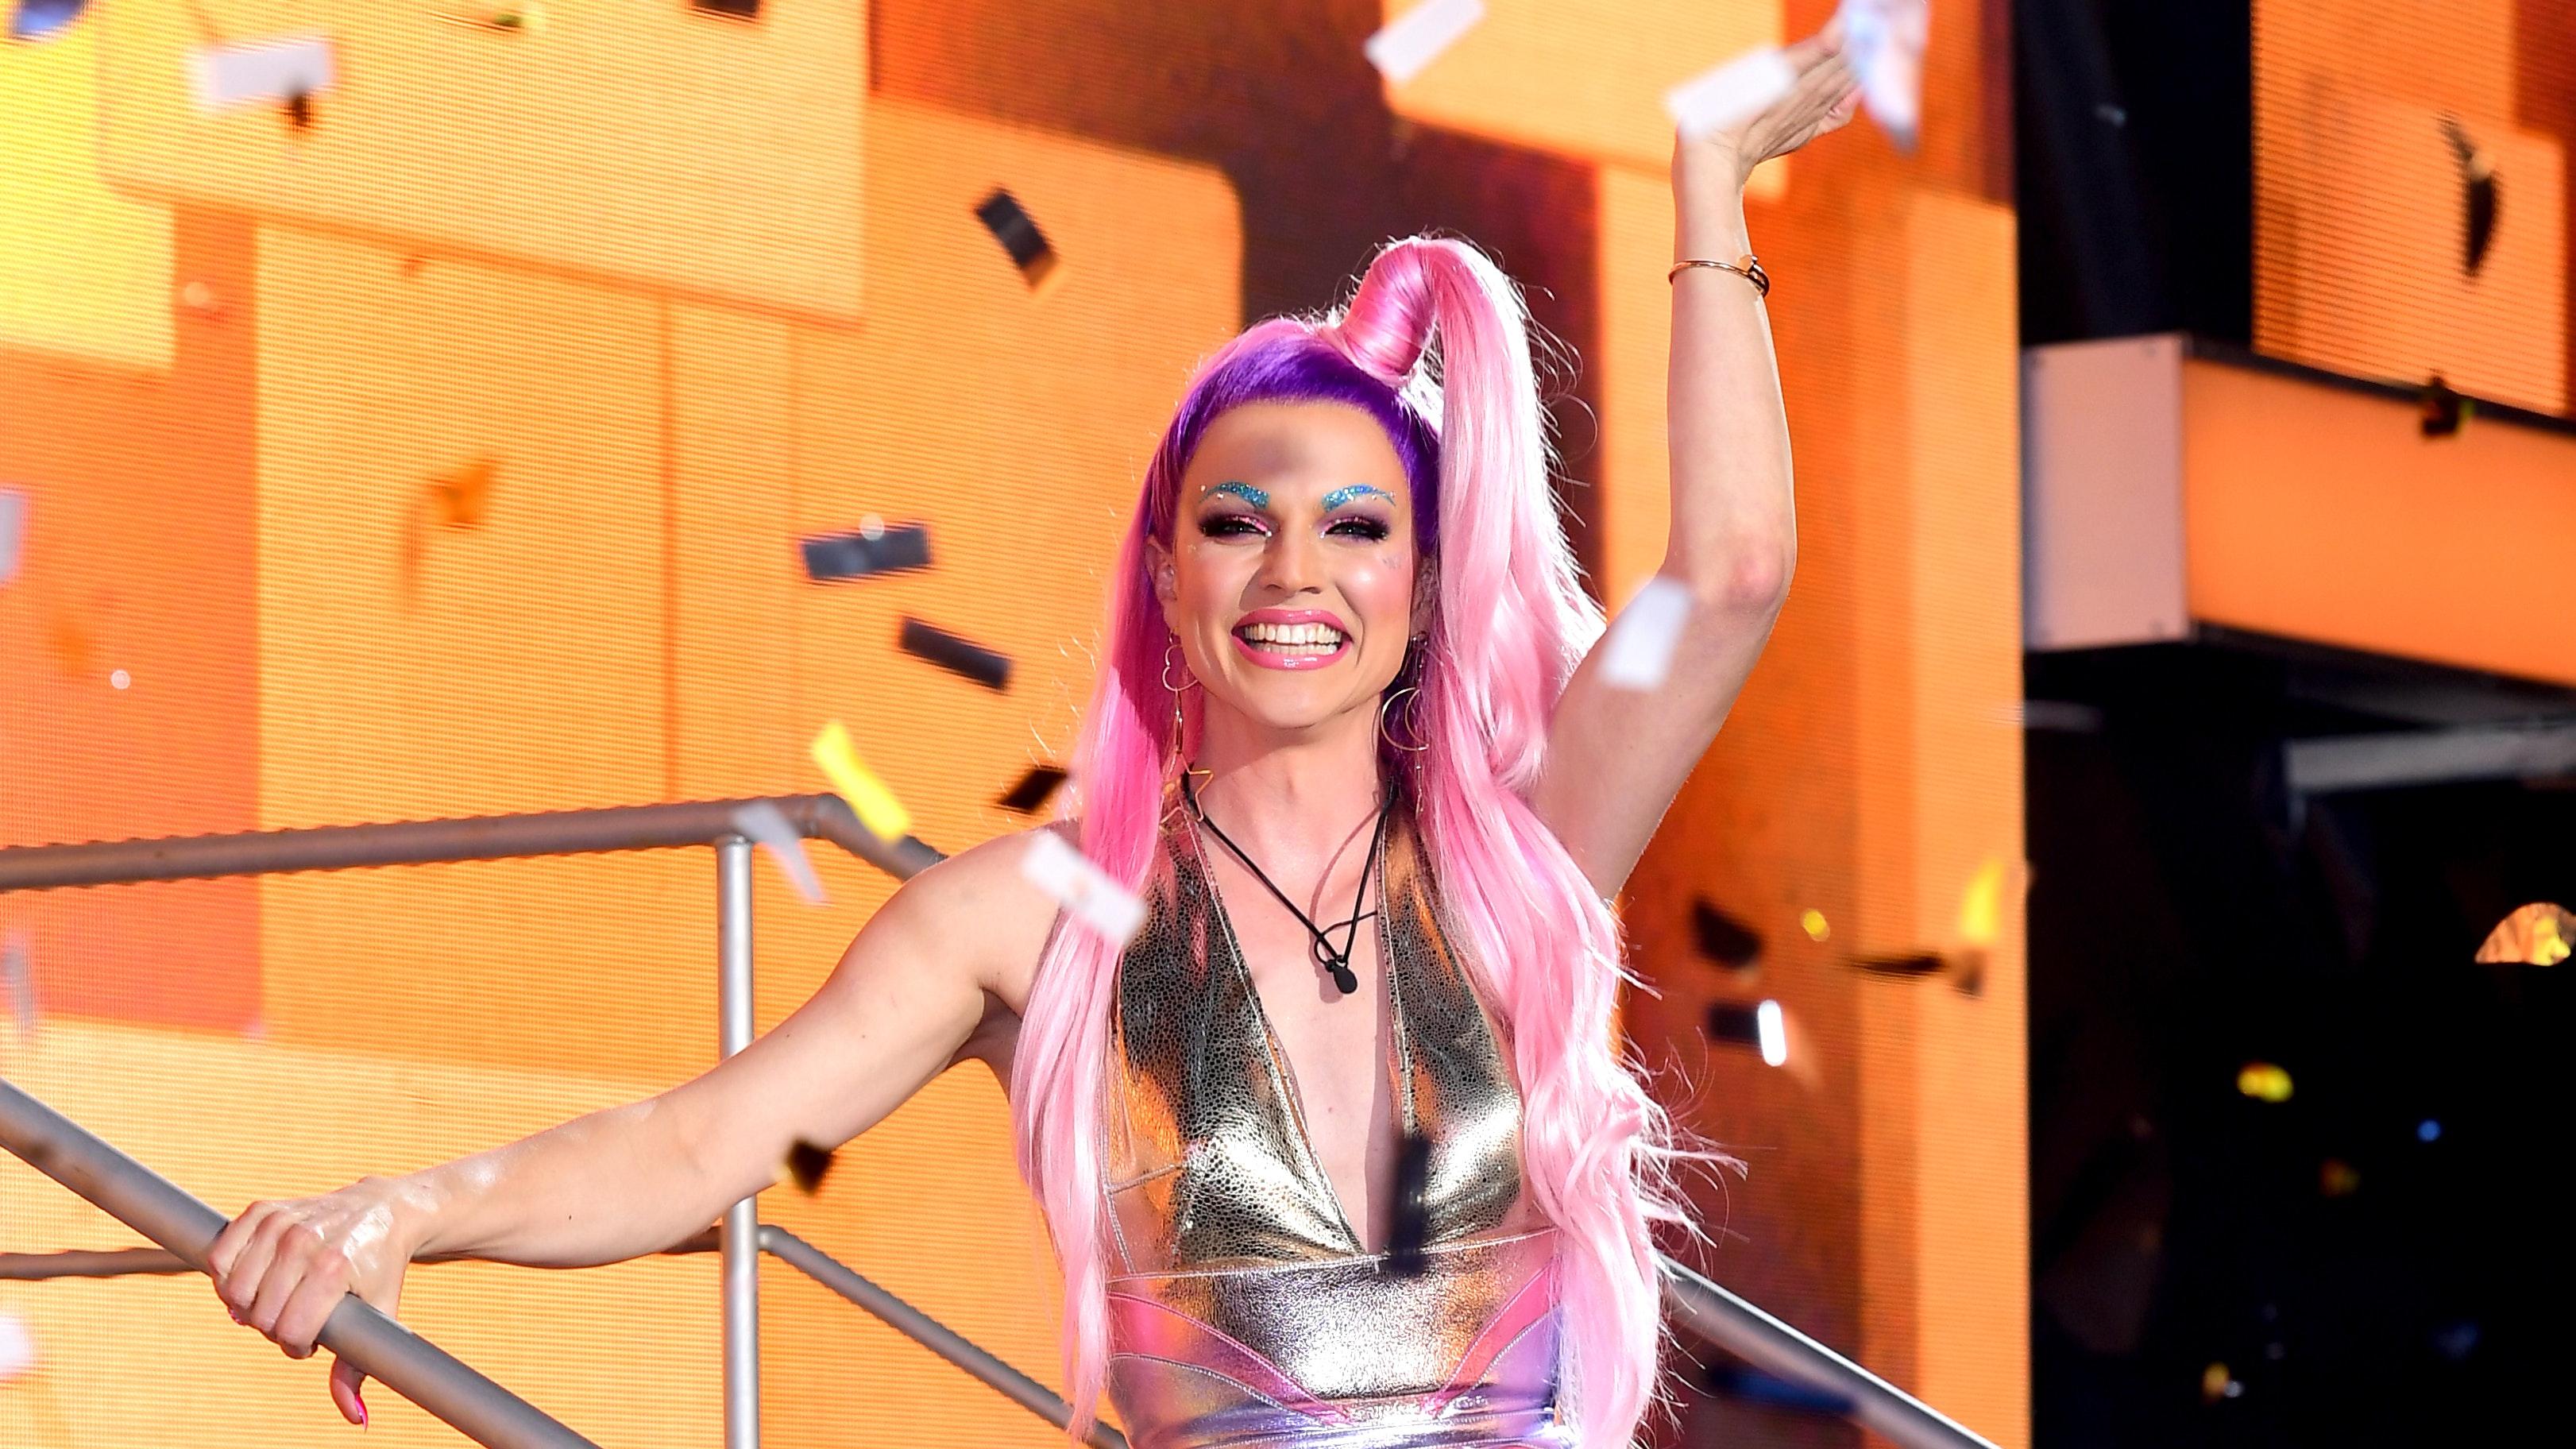 Drag Queen Courtney Act, Ünlü Yarışmada Homofobik Rakibini Yenerek Şampiyon Oldu!